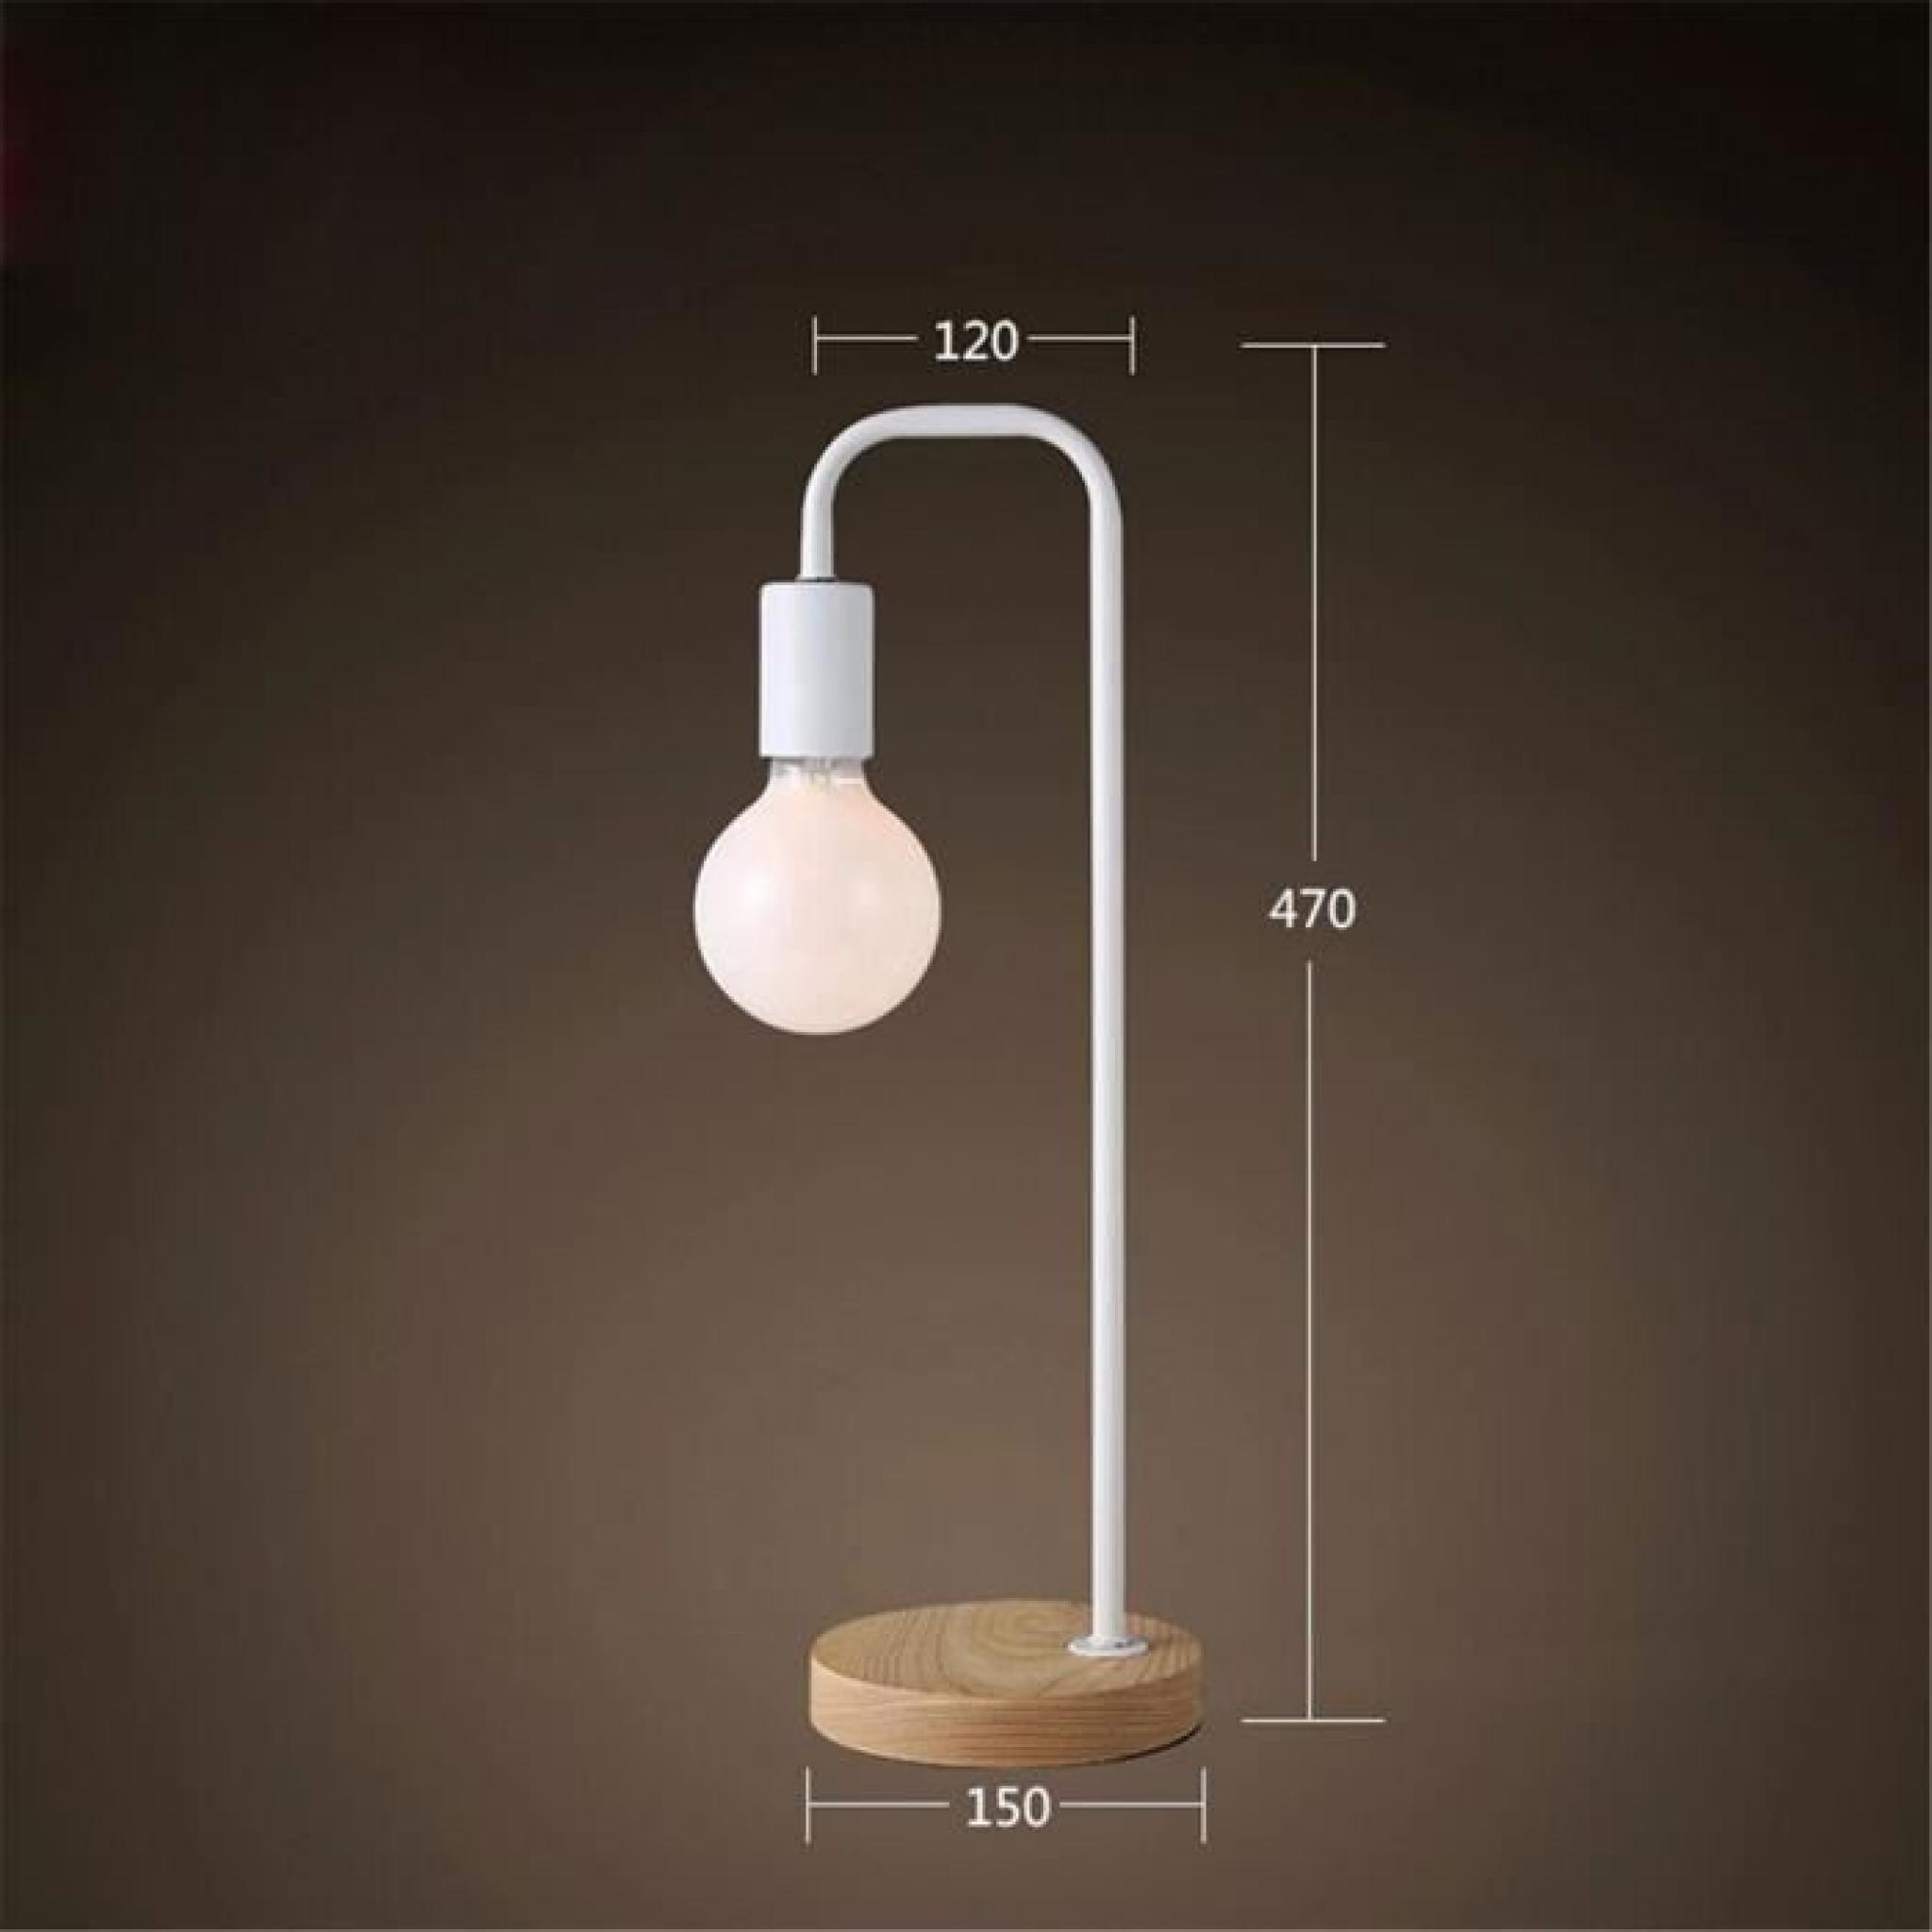 ferandhome lampe de table chevet m tallique moderne lumi re pour etude lecture bureau chambre. Black Bedroom Furniture Sets. Home Design Ideas